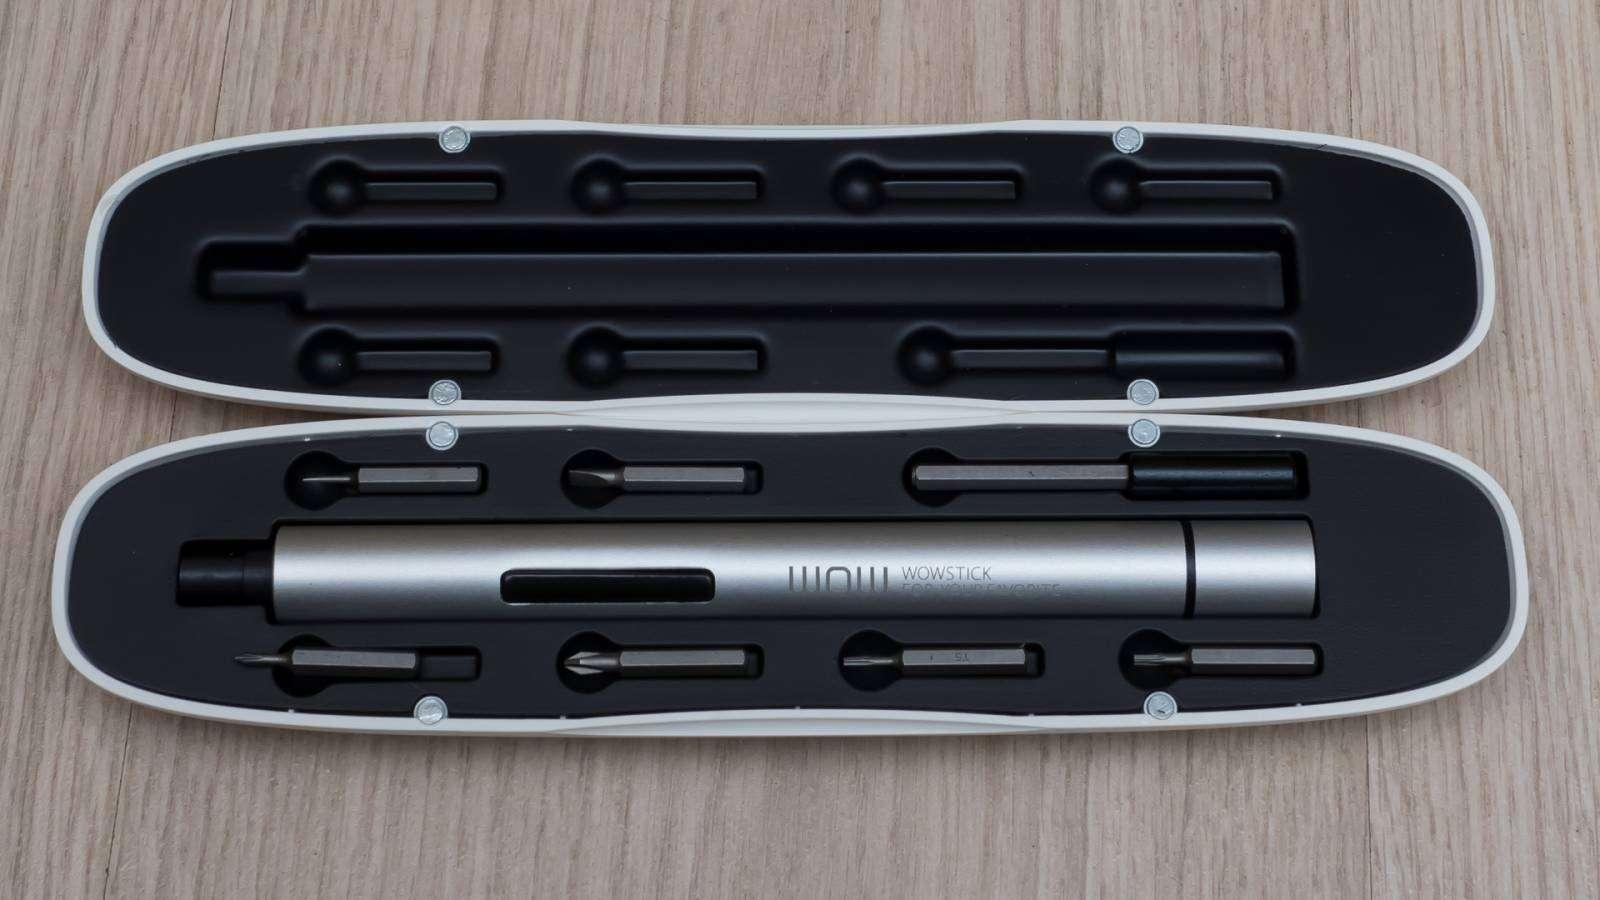 GearBest: Электро отвертка для мелких работ Xiaomi WOWSTICK 1fs